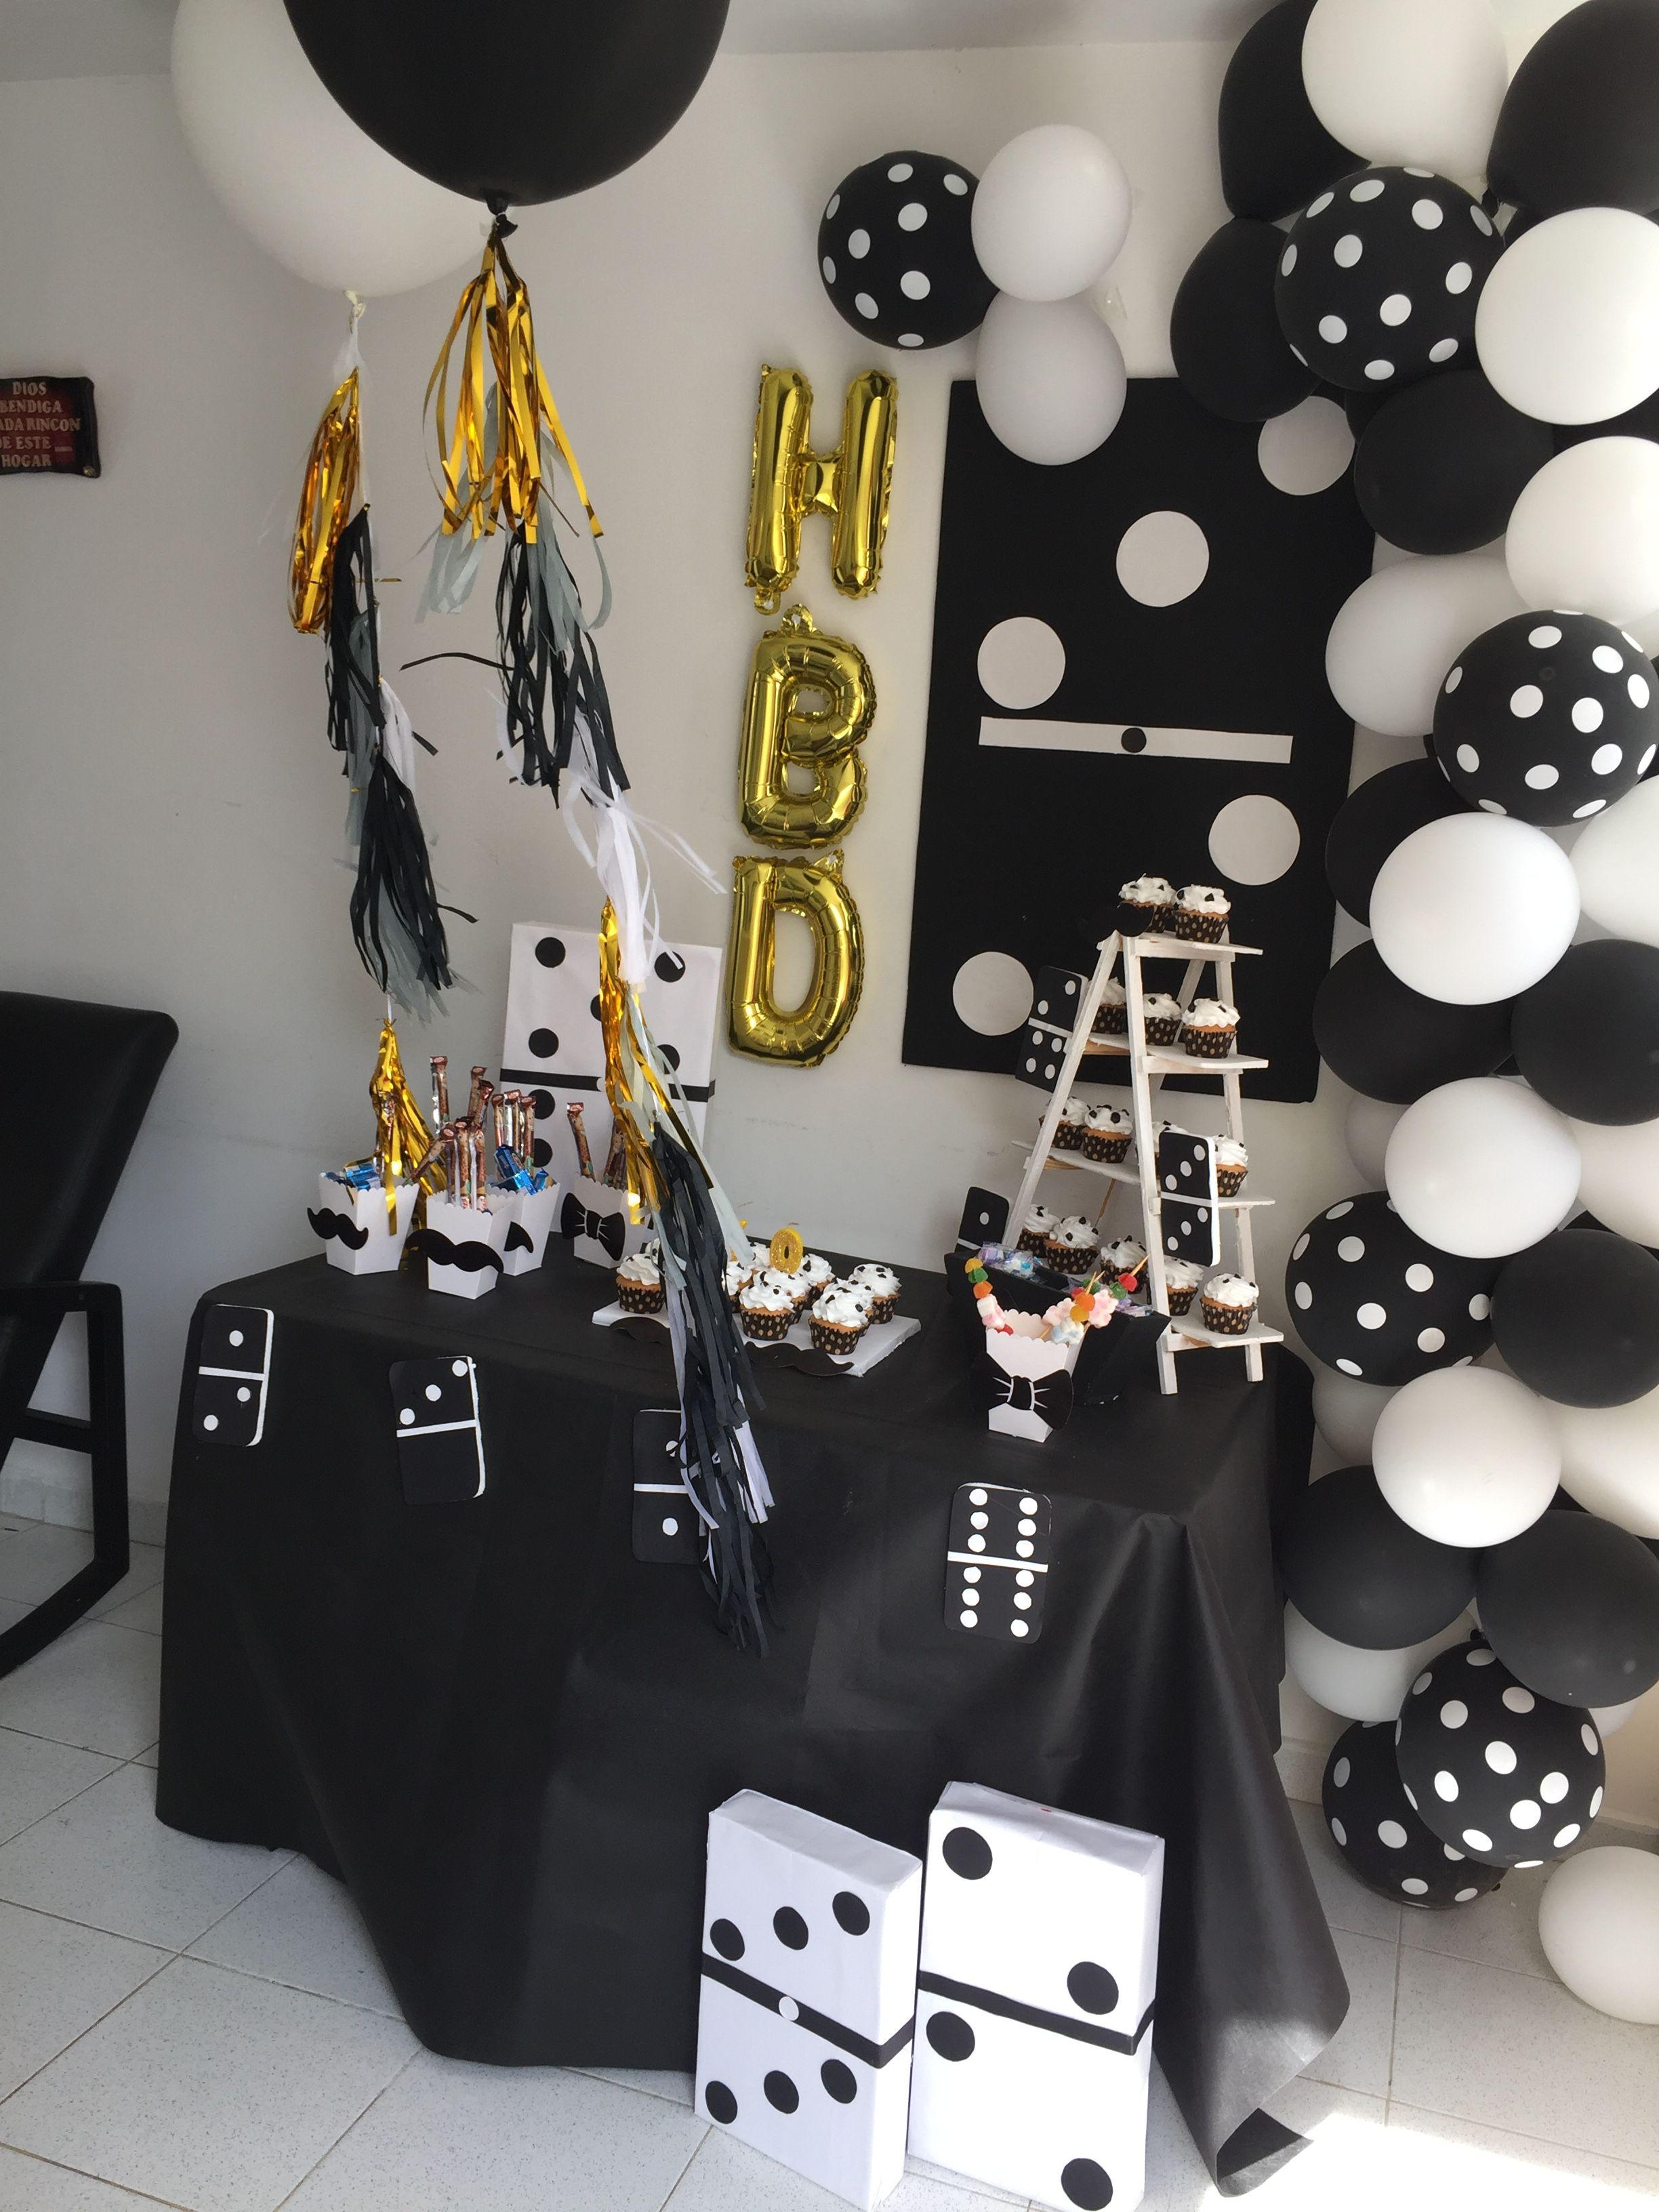 Decoración Fiesta Decoraciones De Cumpleaños Para Hombres Fiestas De Cumpleaños Hombre Fiesta De Hombres